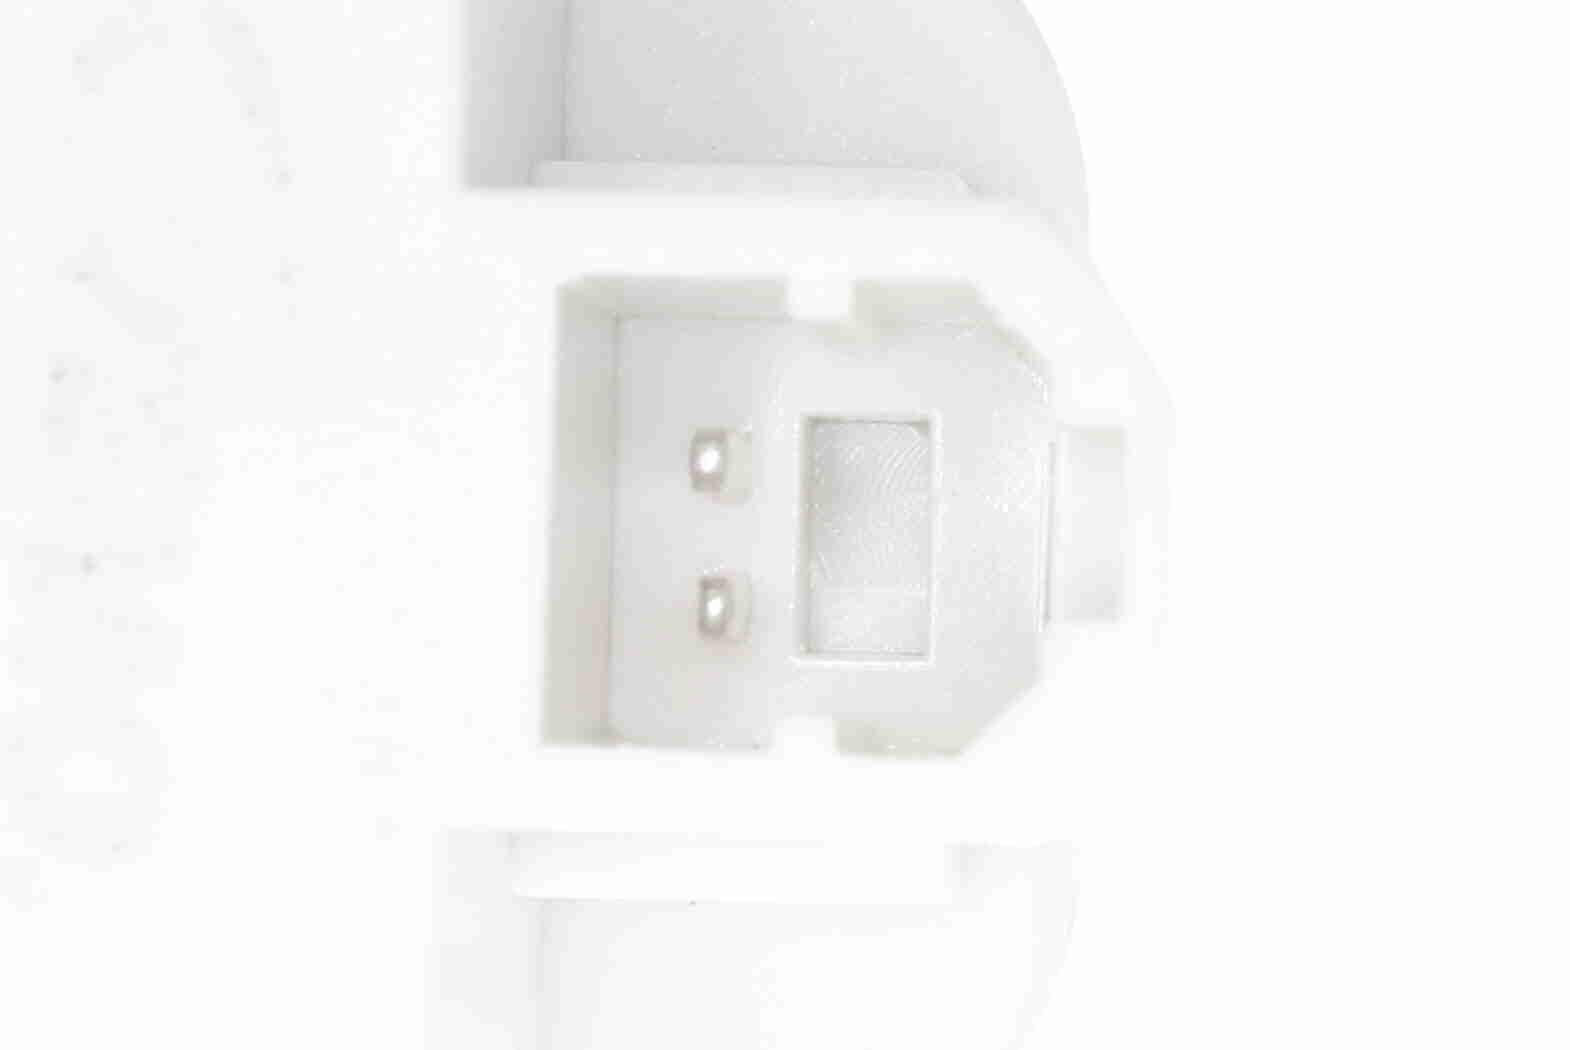 VEMO   Brake Light Switch V25-73-0020